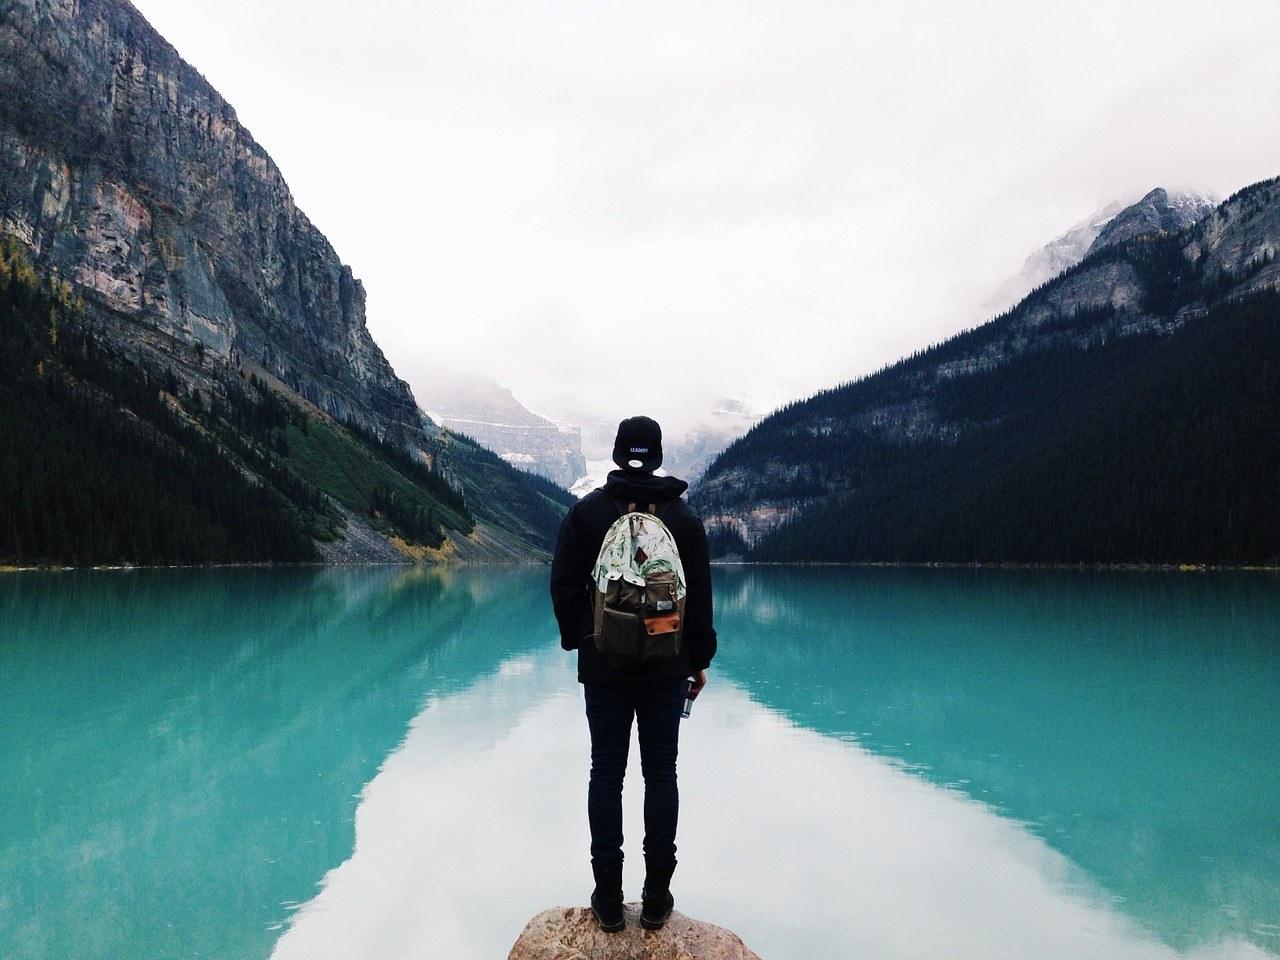 چطور مهارت سفر به طبیعت داشته باشیم؟